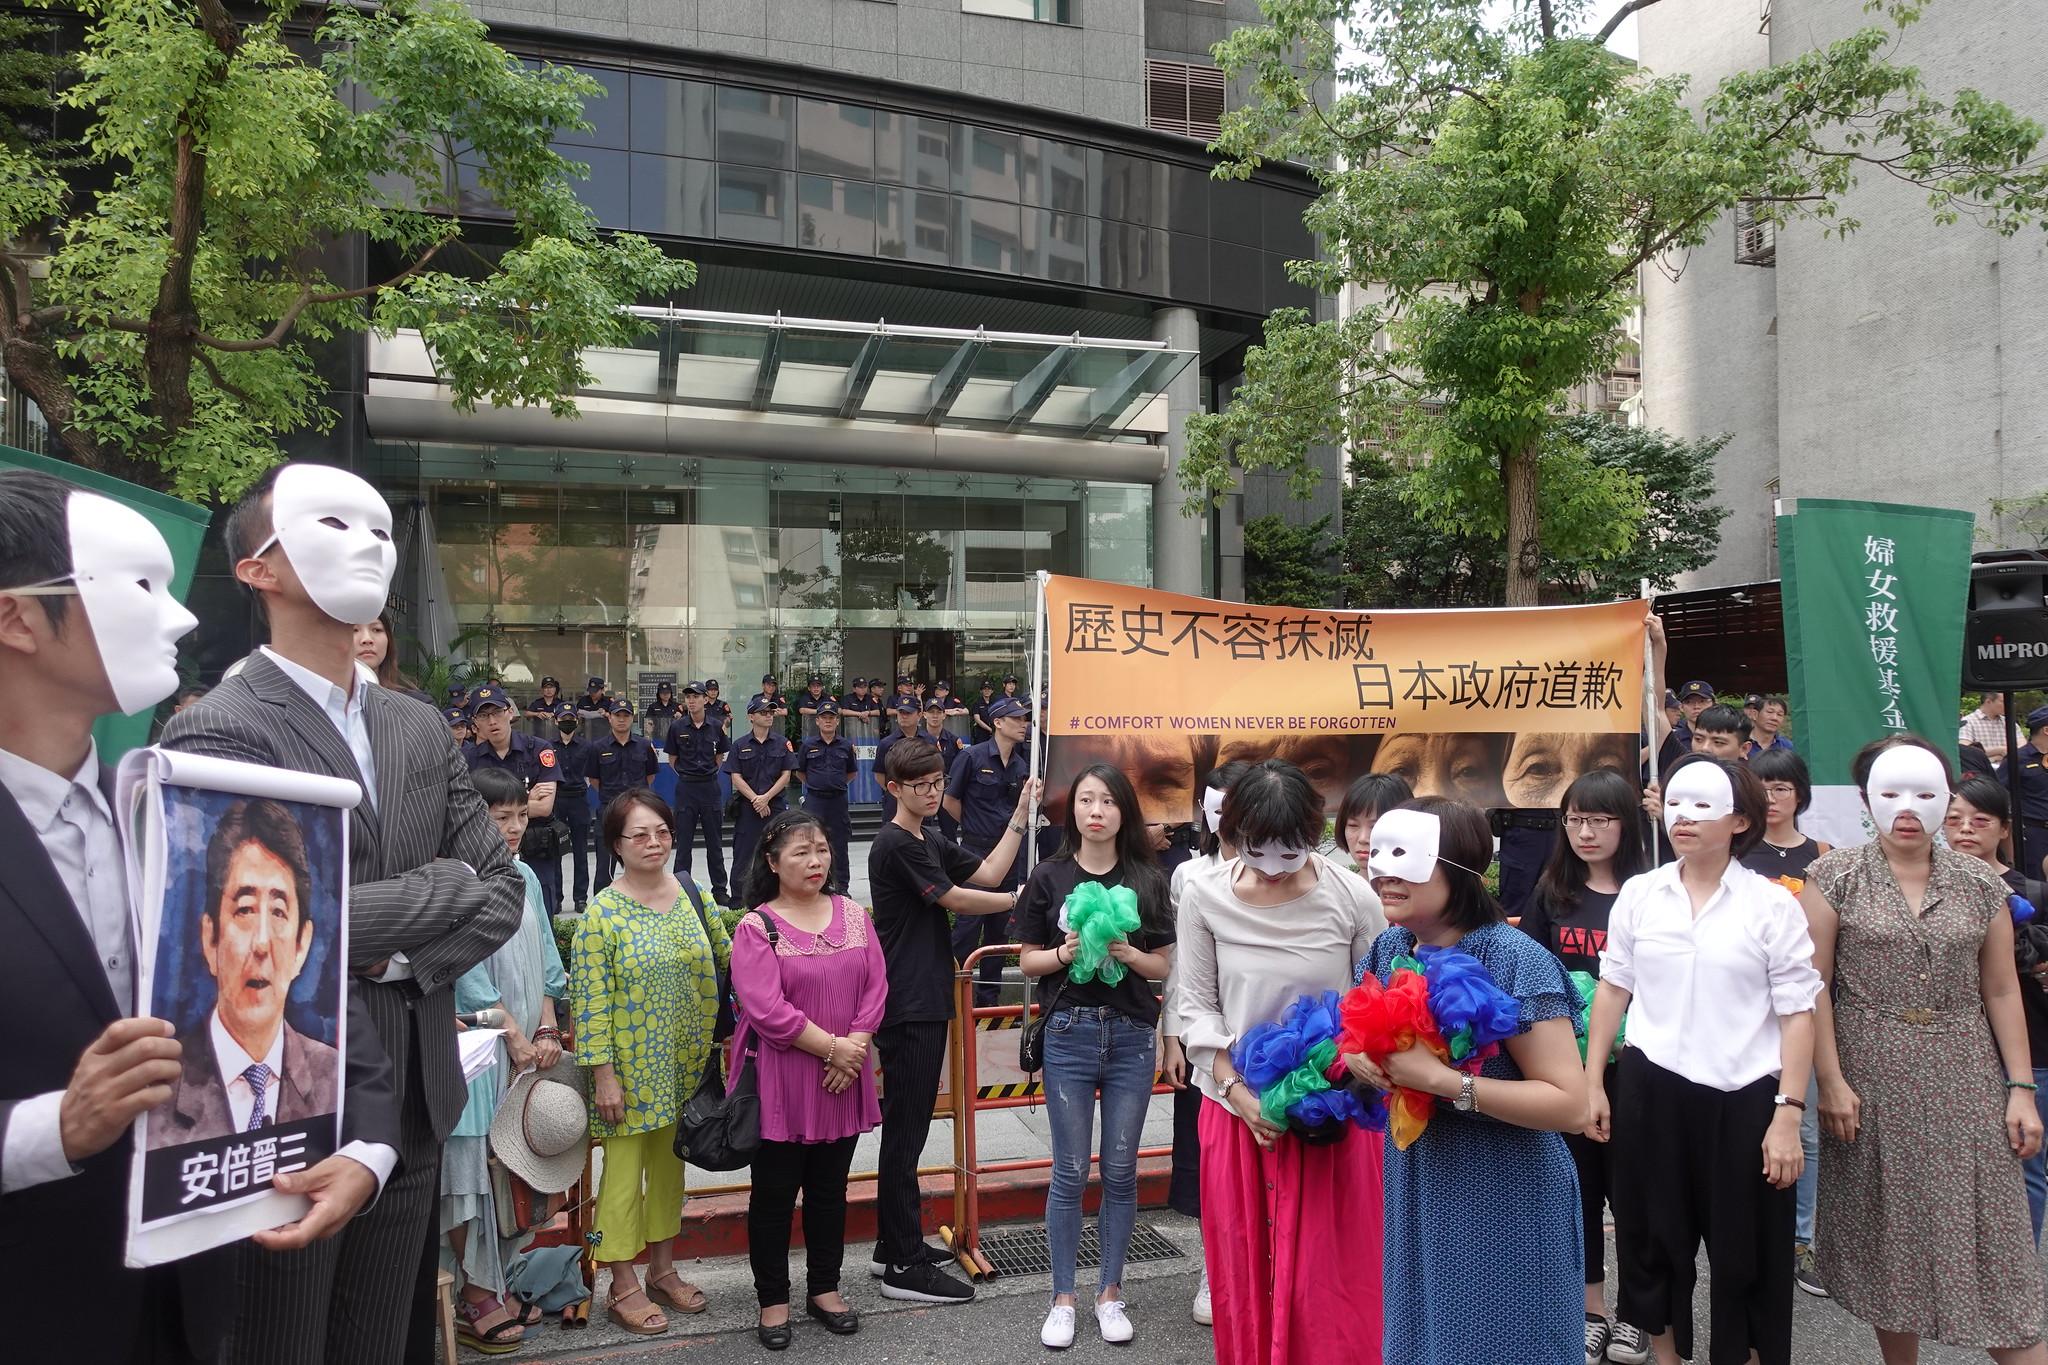 民團演出行動劇,批評日本政府對慰安婦傲慢冷漠的態度。(攝影:張智琦)